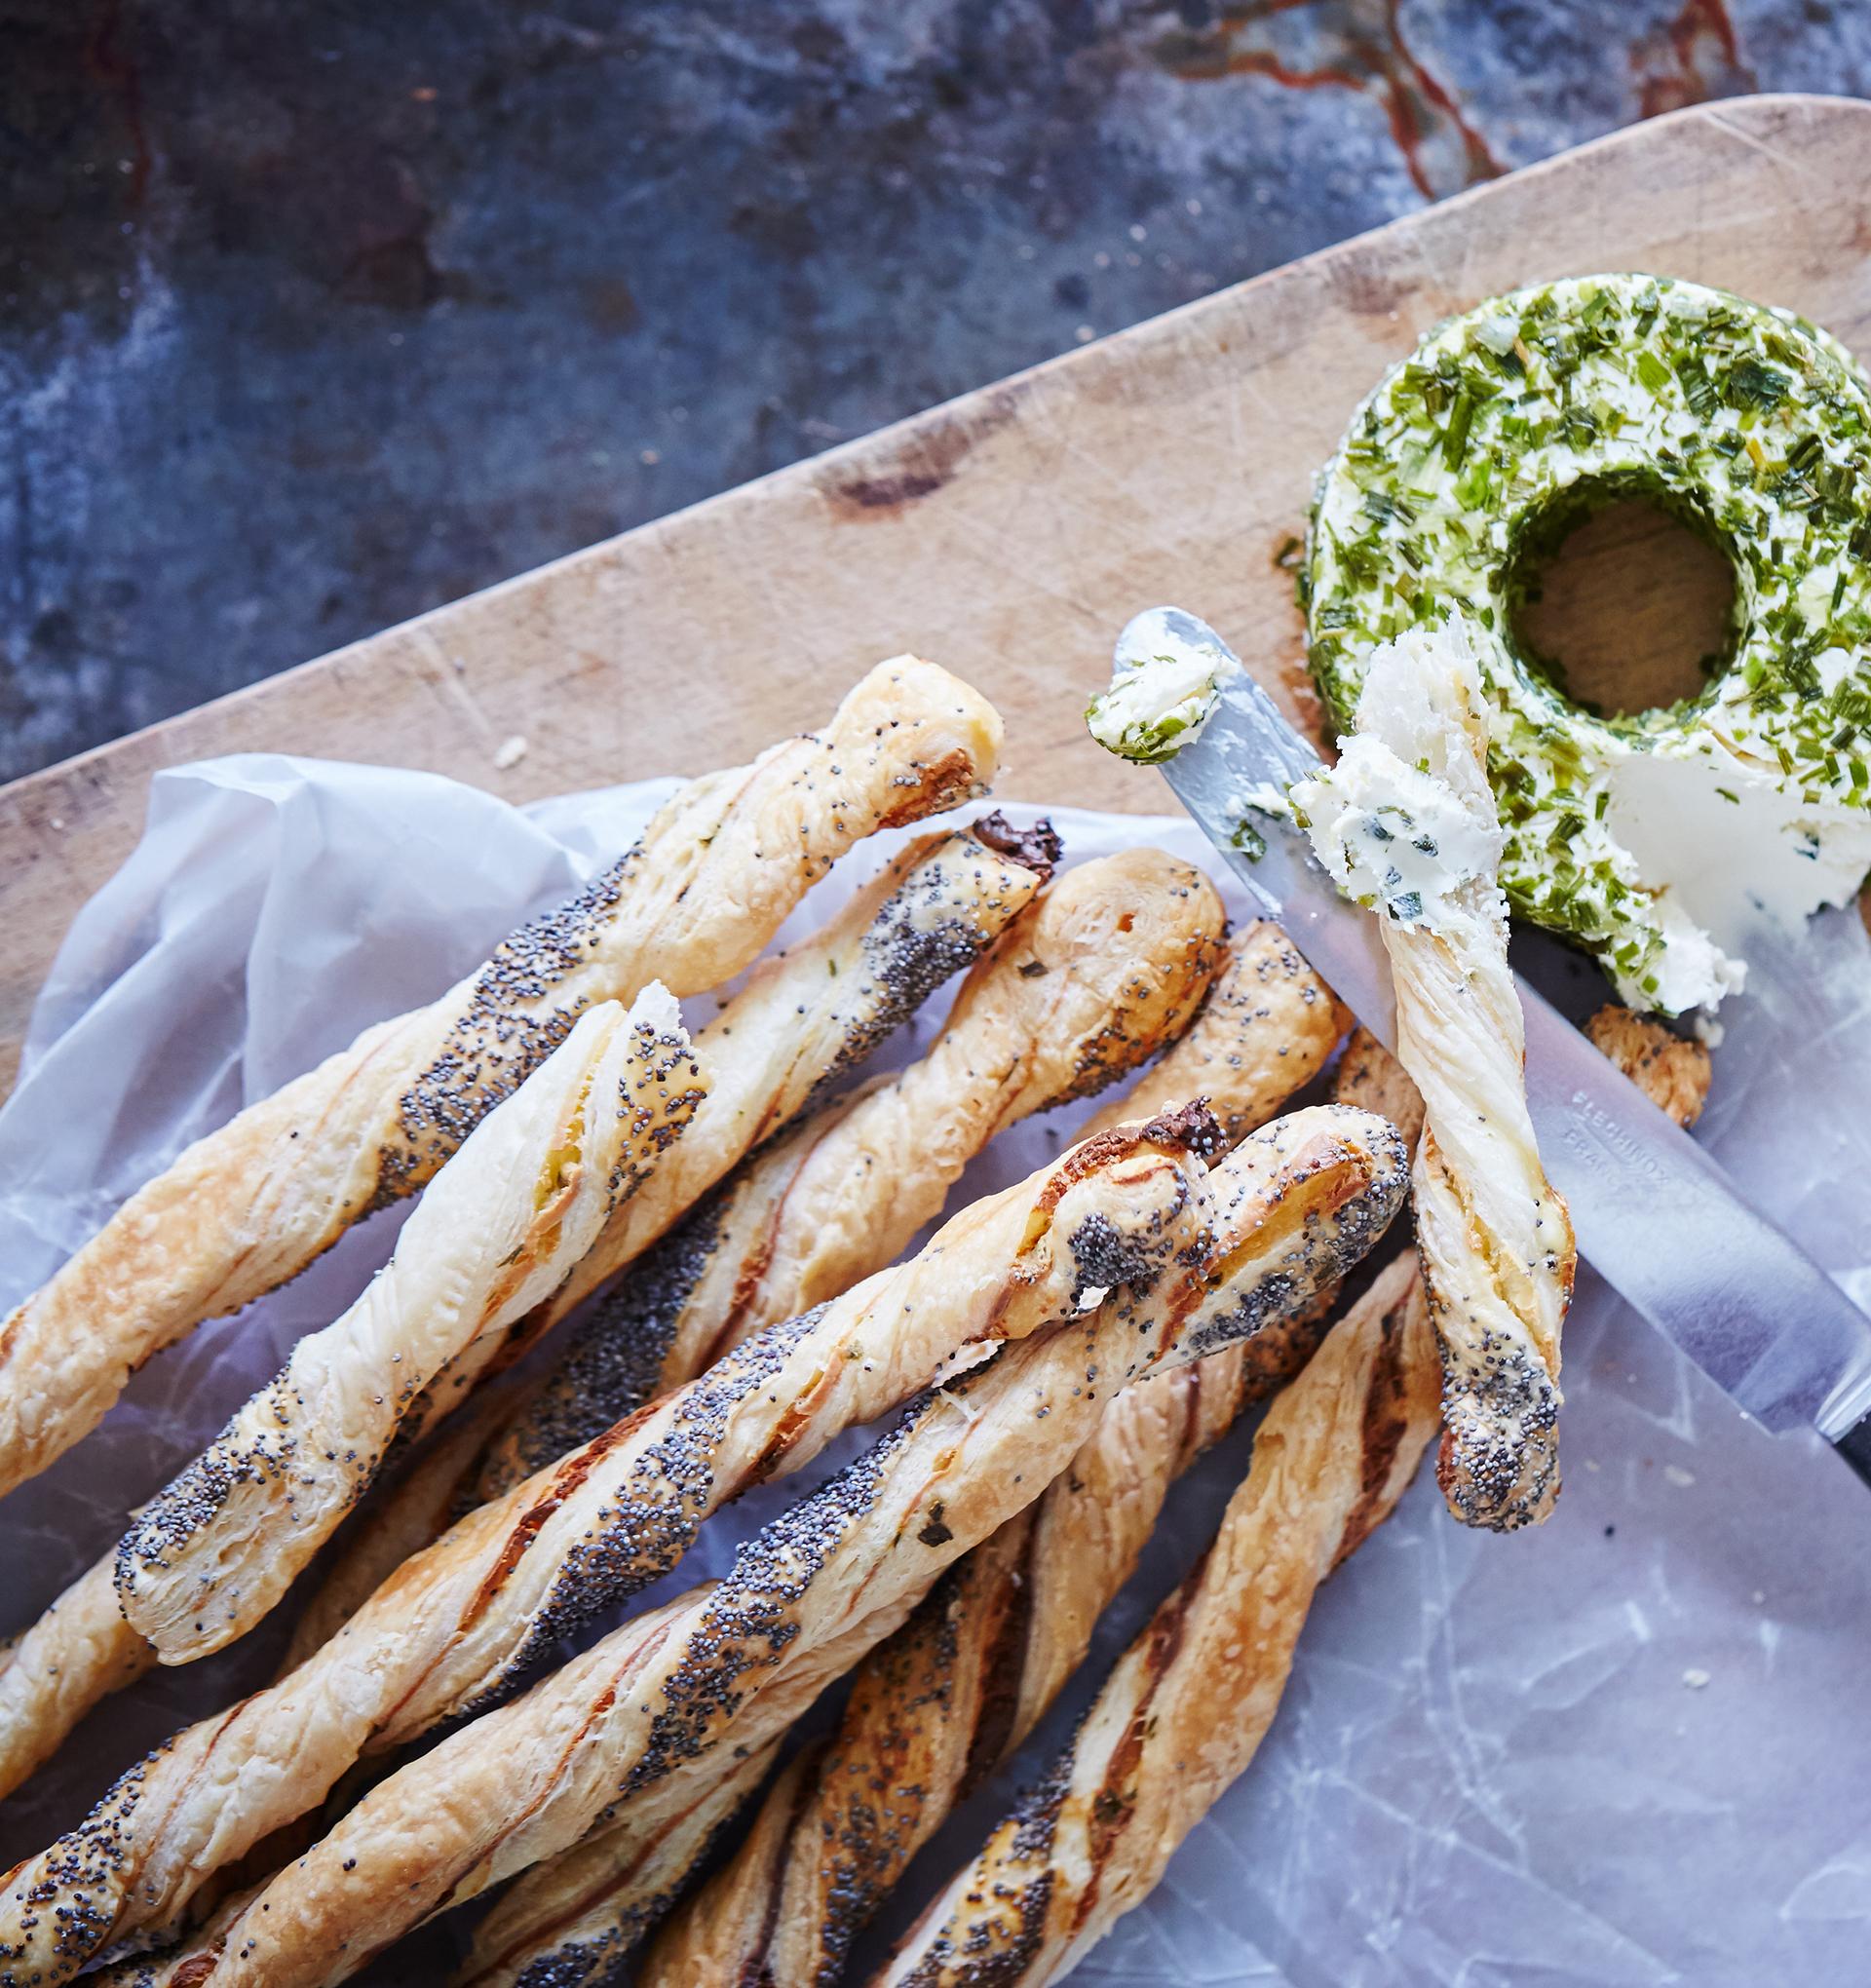 Castello® Chive Halo Cream Cheese